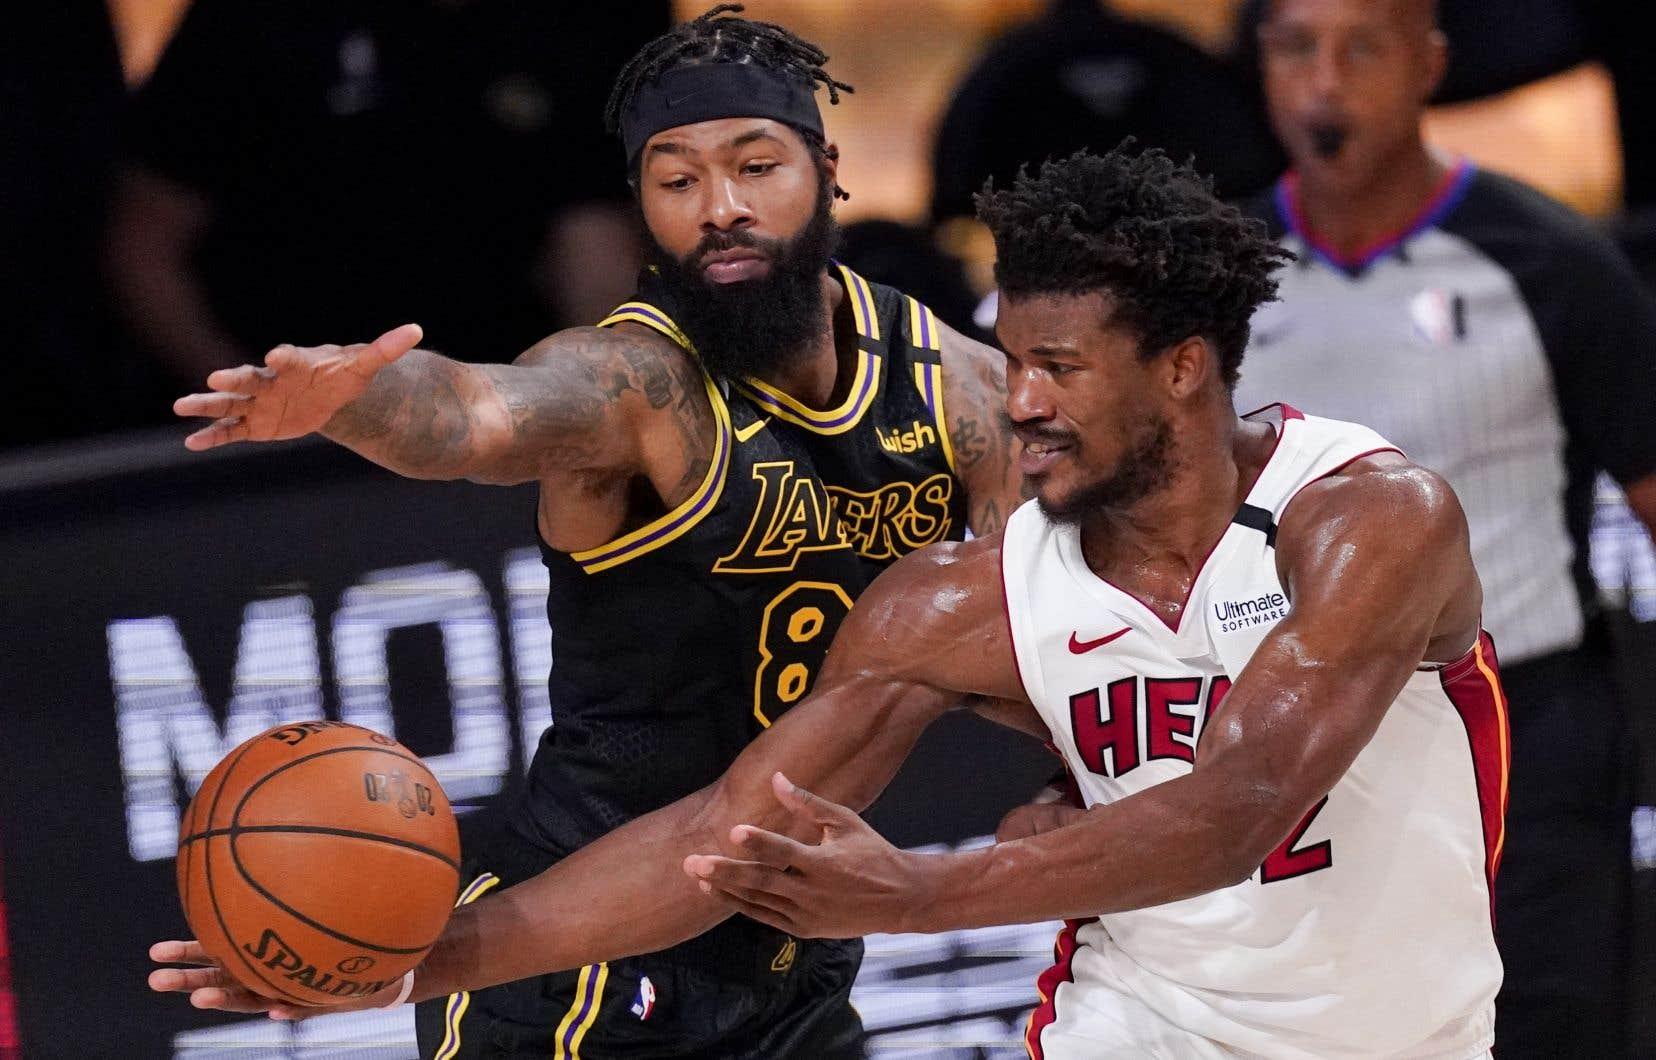 Jimmy Butler a récolté 35 points, 12 rebonds et 11 assistances dans ce cinquième match de la finale de la NBA.